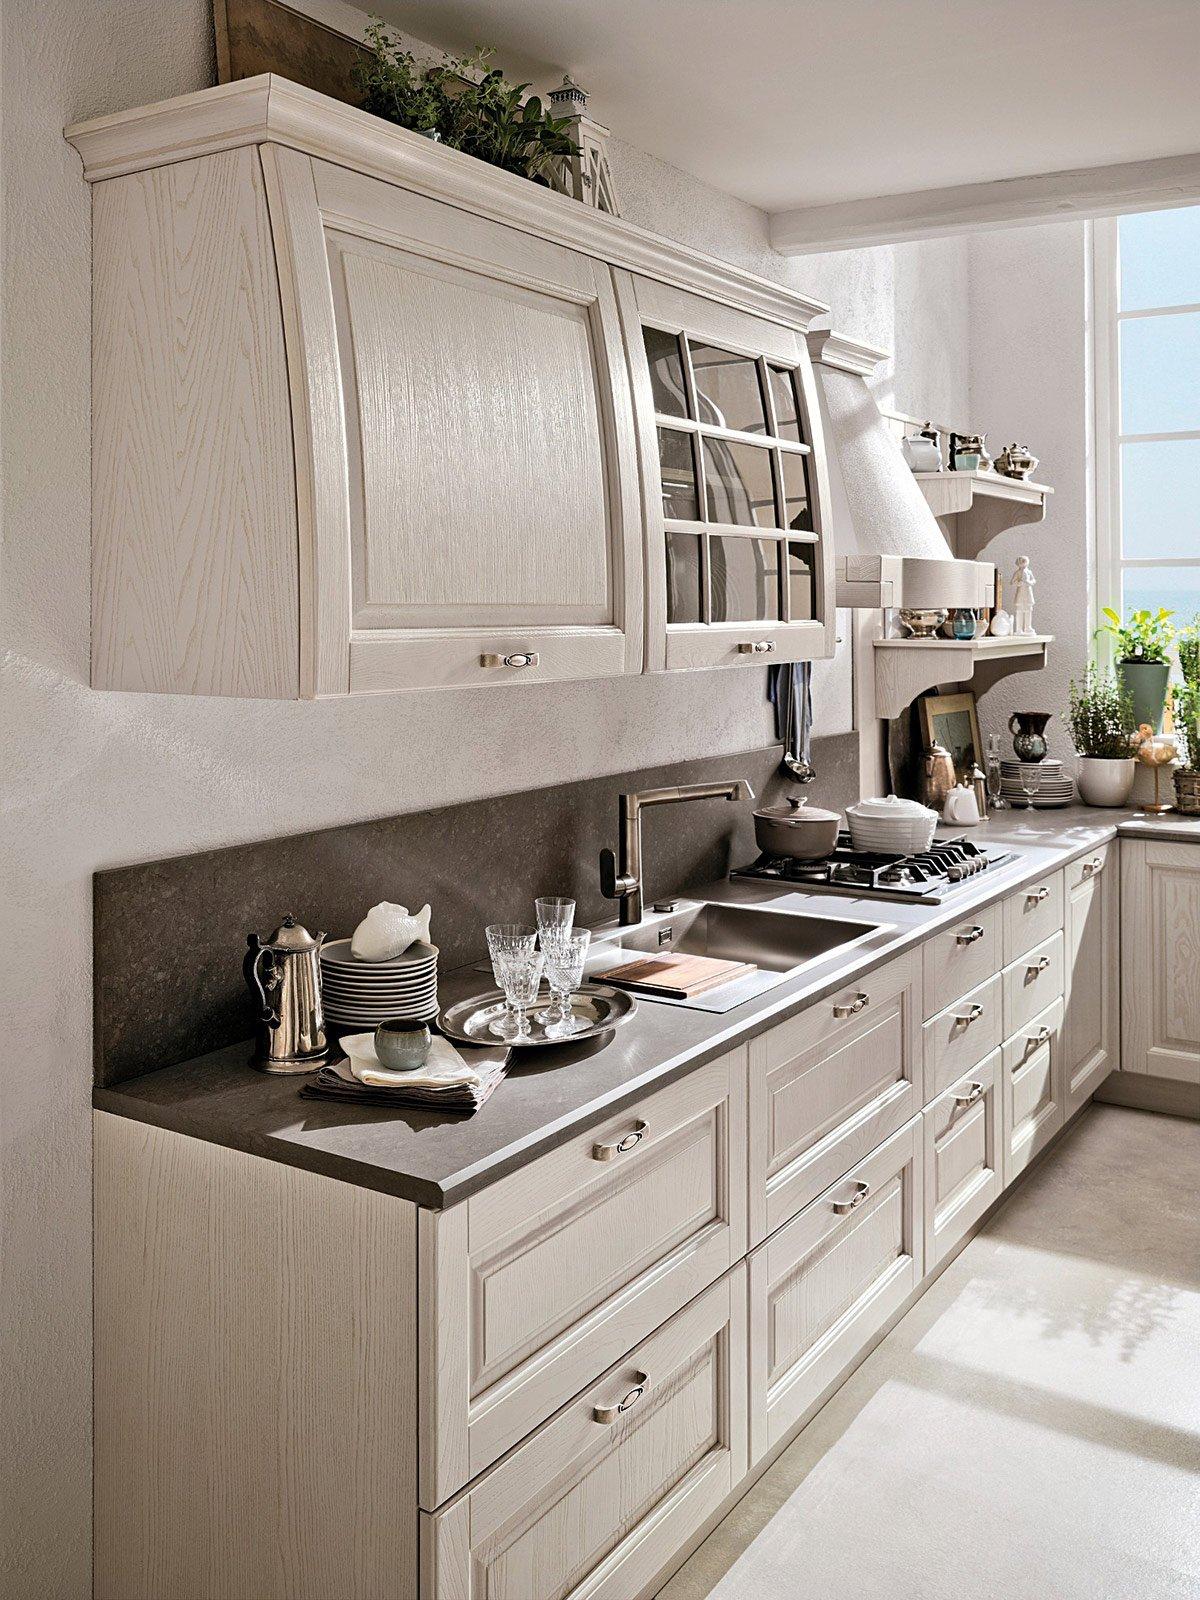 Cucine country stile tradizionale o new classic cose di - Cucine scavolini country ...